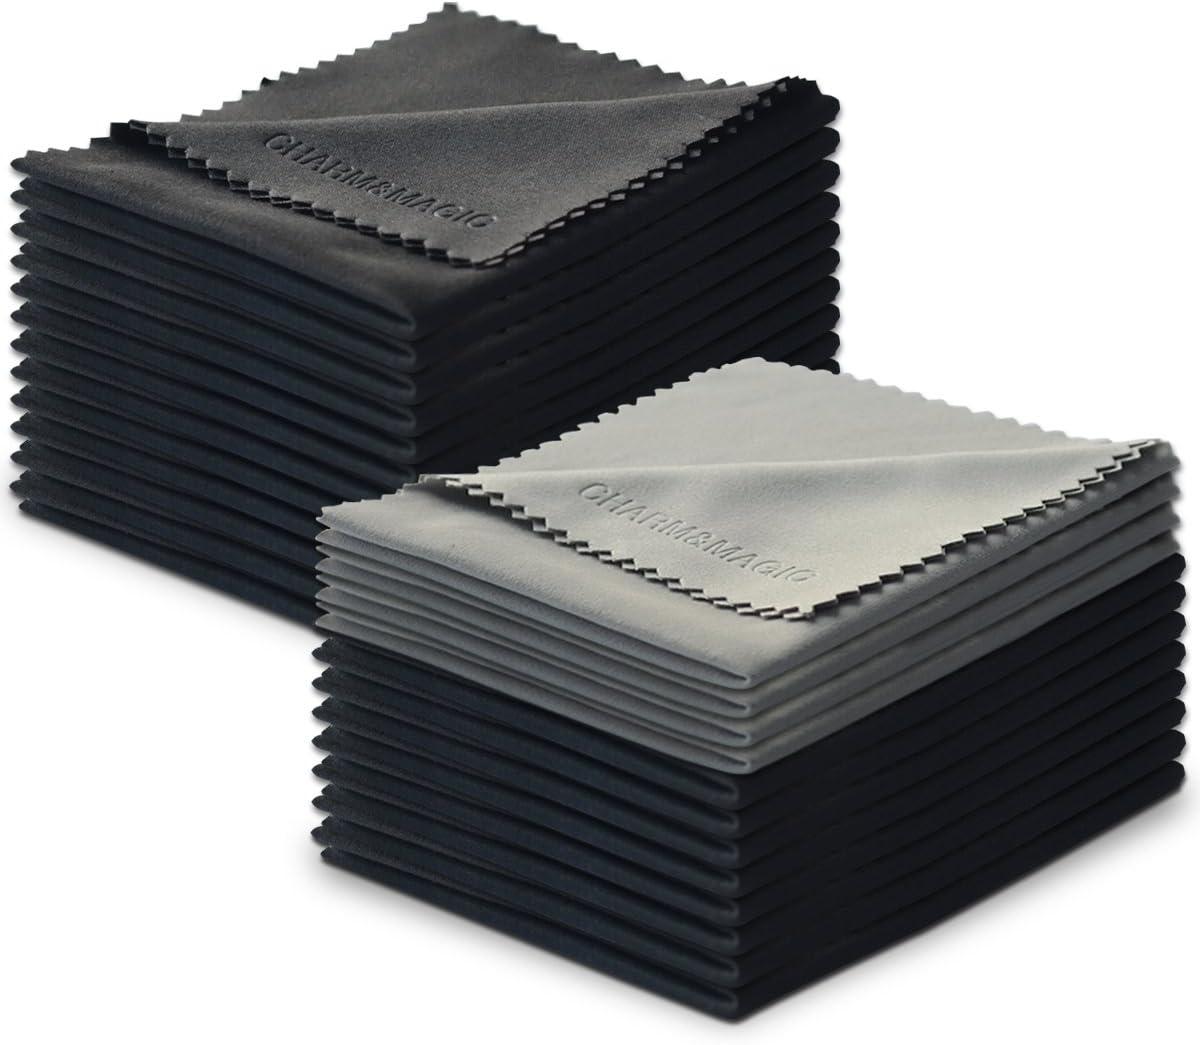 Charm & Magic Microfibra Paños de Limpieza para Todo Tipo de Pantallas - Conjunto de 24 nidades(20 Negro+ 4 Gris)